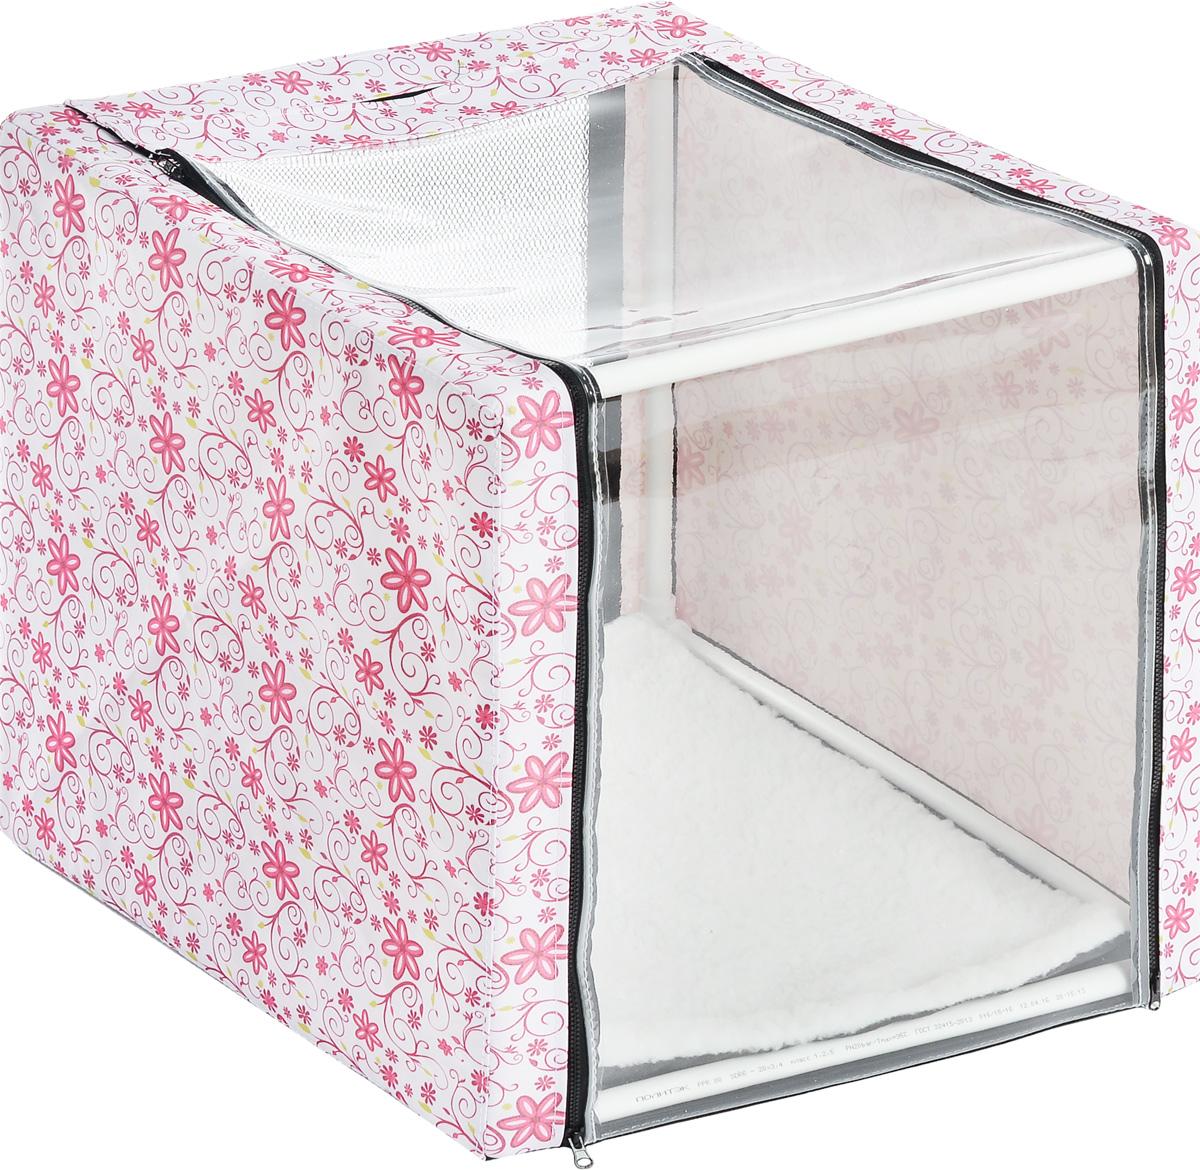 Клетка для животных Elite Valley, выставочная, цвет: белый, розовый, зеленый, 56 х 56 х 56 см0120710Клетка Elite Valley предназначена для показа кошек и собак на выставках. Она выполнена из плотного текстиля, каркас - пластиковые трубки. Клетка оснащена пленкой и сеткой. Внутри имеется мягкая подстилка, выполненная из искусственного меха. Боковые стенки закрываются на замки-молнии. Палатка быстро собирается и разбирается.В комплекте сумка-чехол для удобной транспортировки.